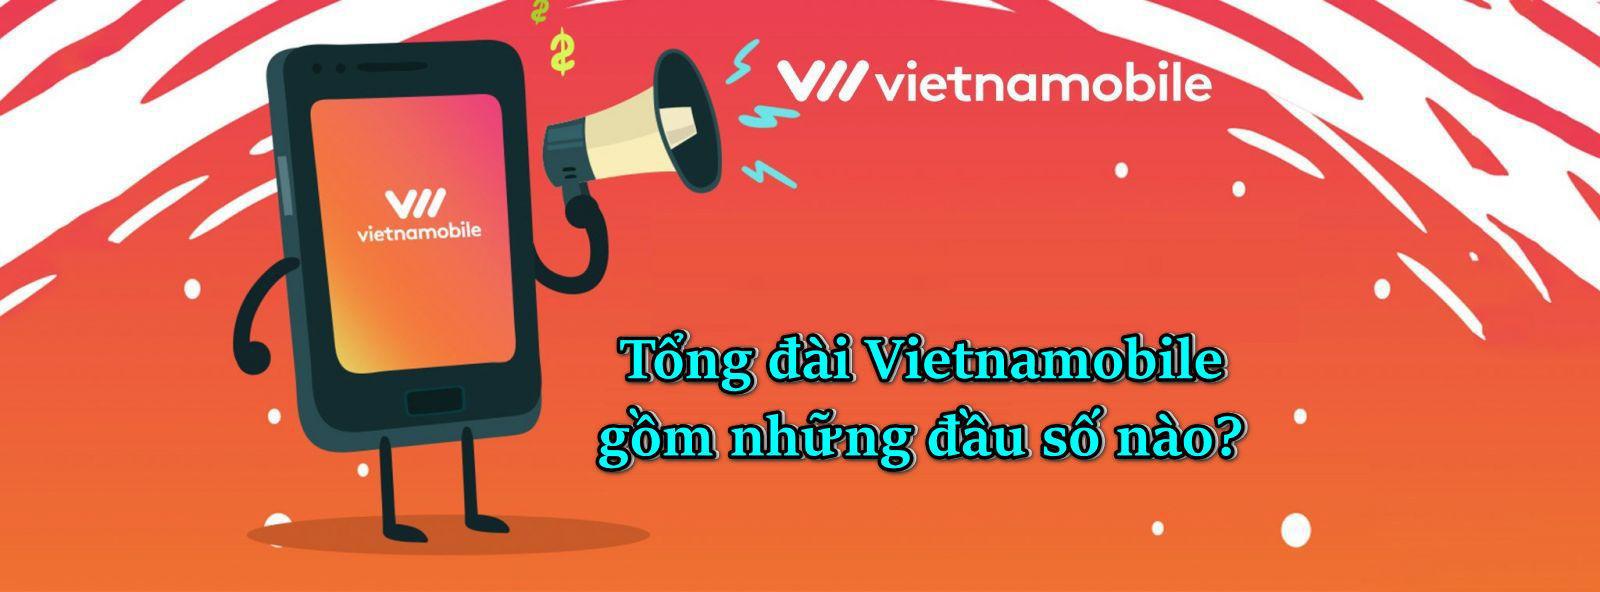 Tổng đài hỗ trợ Vietnamobile